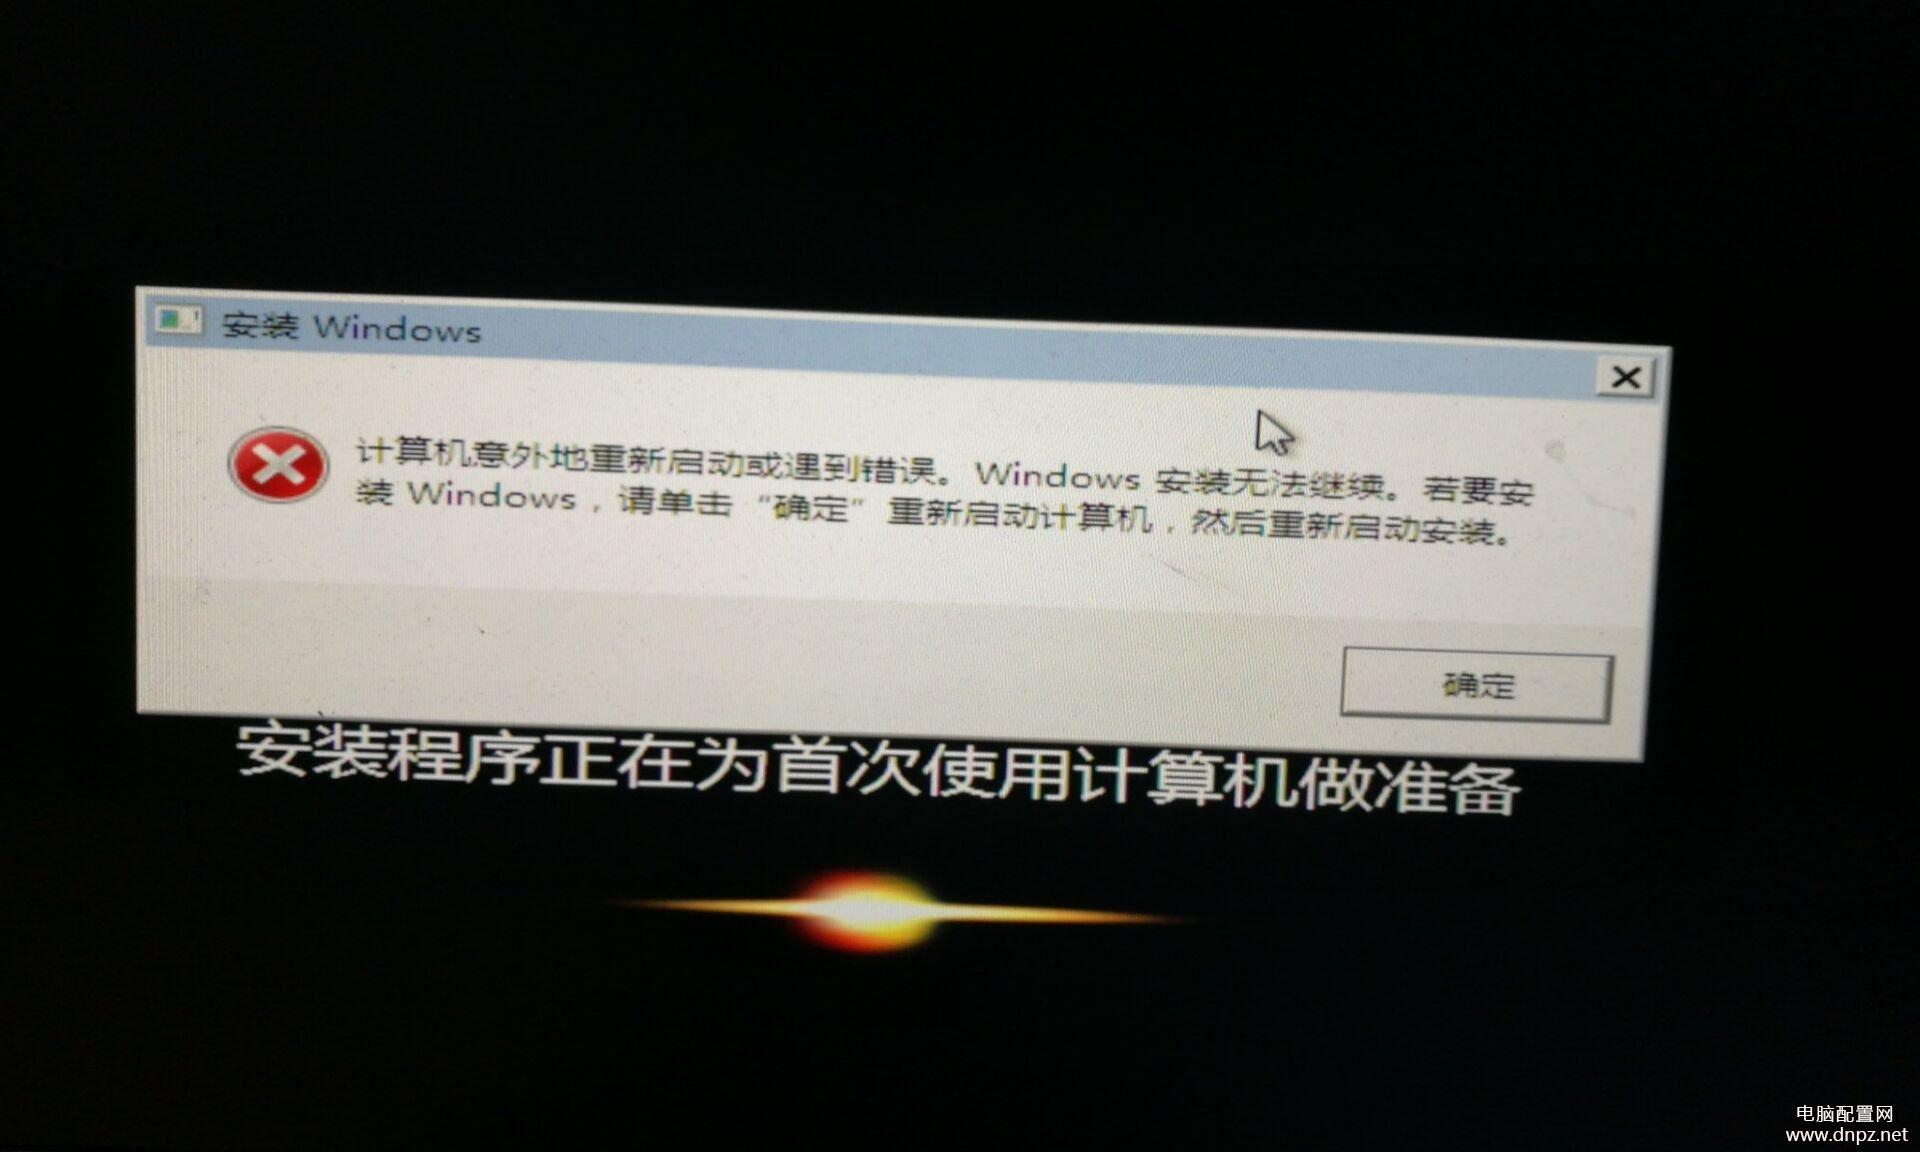 计算机意外地重新启动或遇到错误导致系统安装无法继续